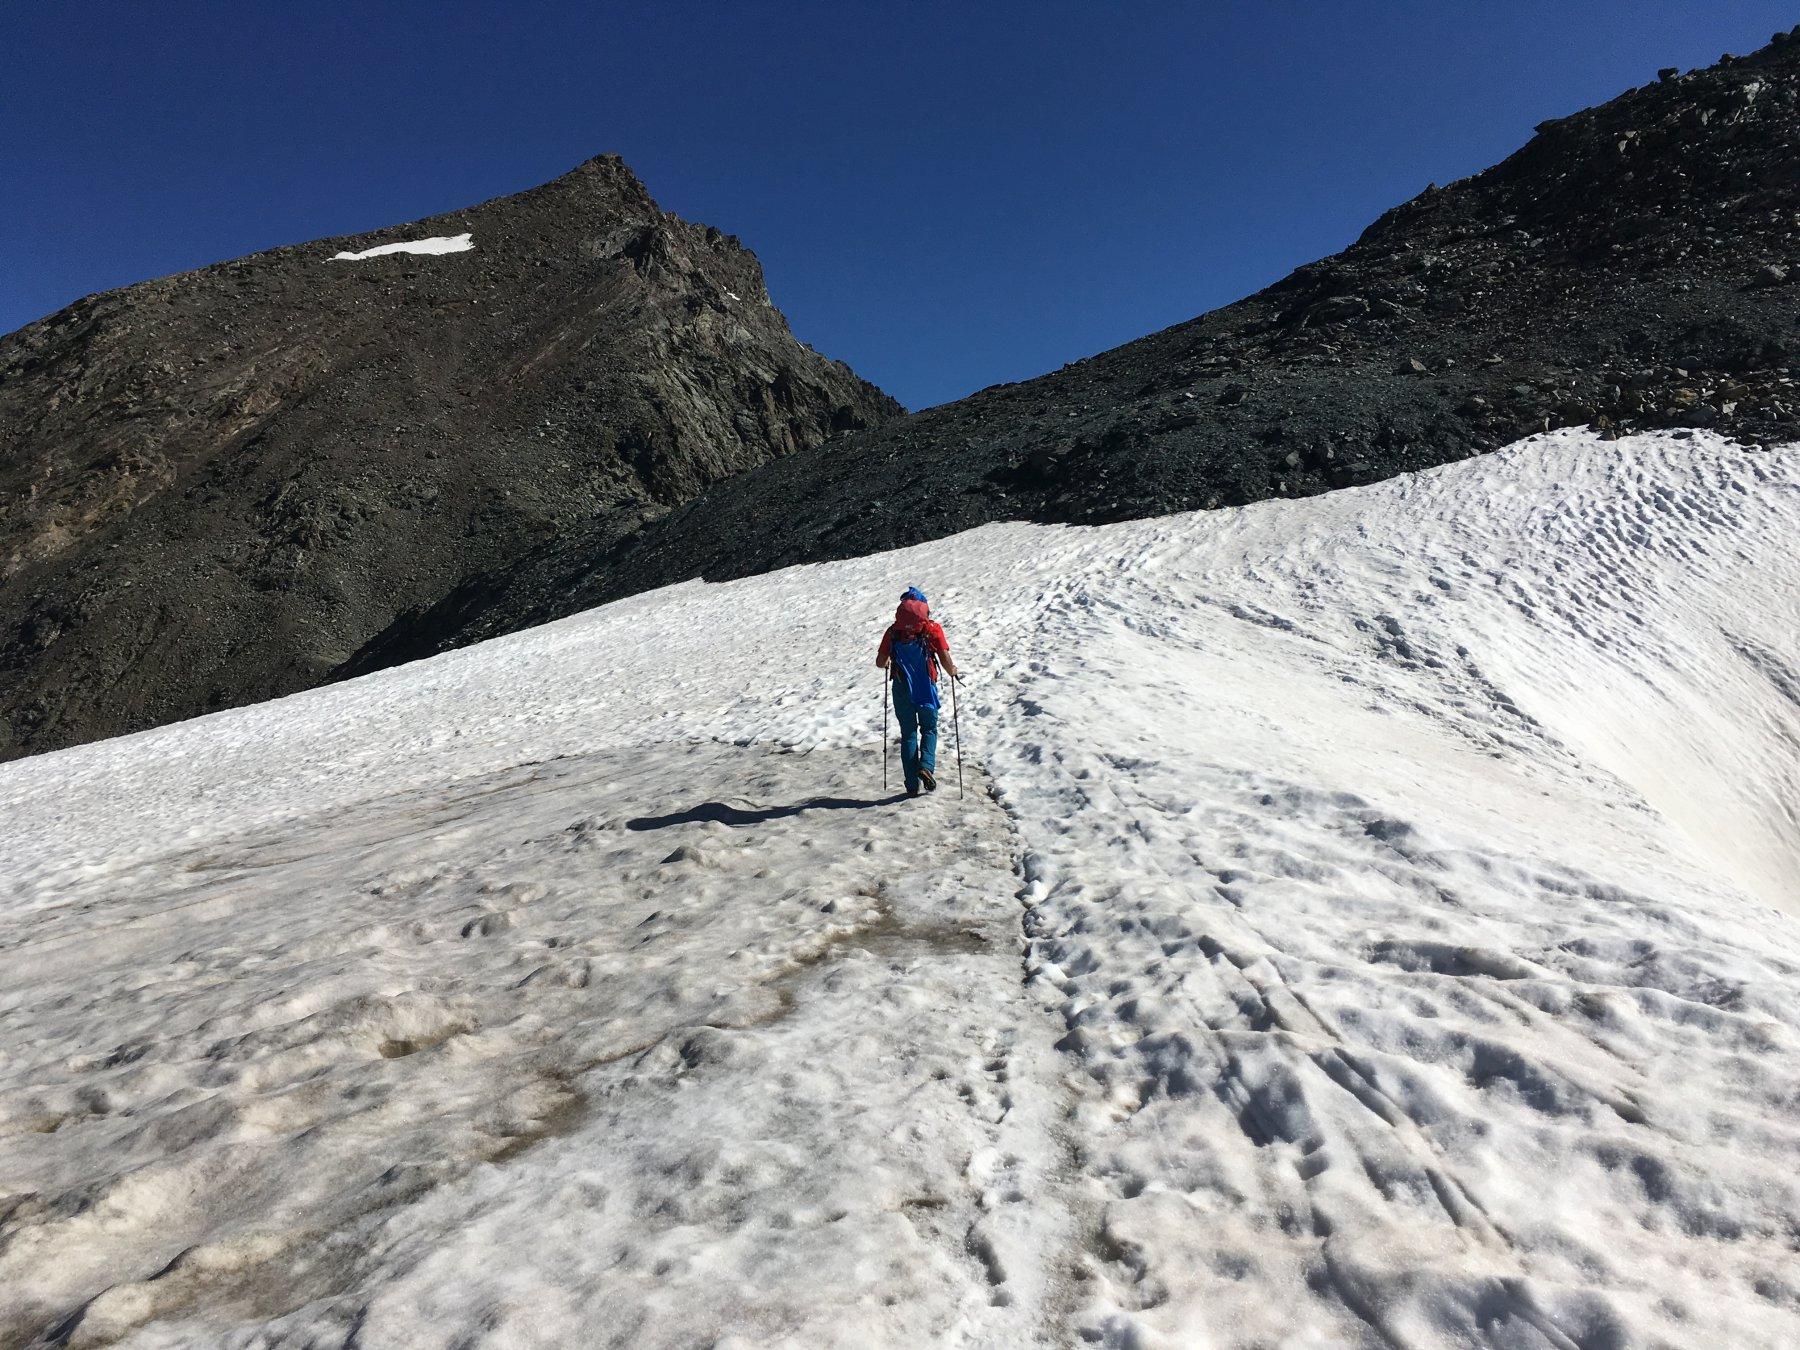 Sul ghiacciaio verso il Collerin